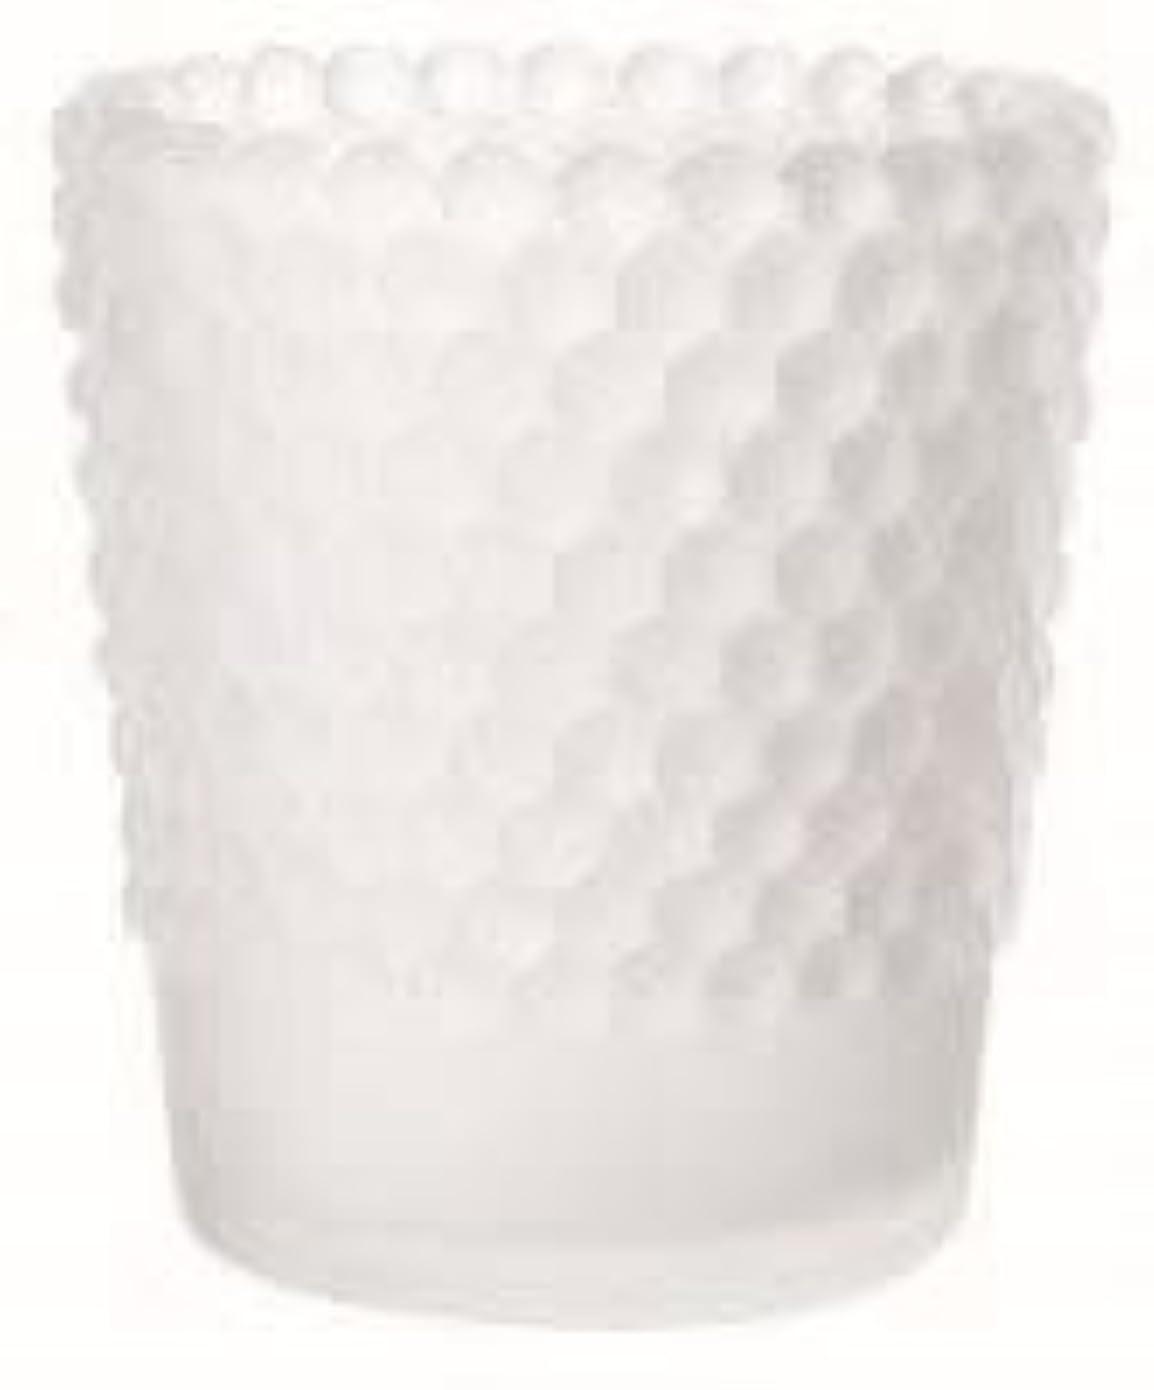 ペンフレンド簡略化するメルボルンカメヤマキャンドル(kameyama candle) ホビネルグラス 「 フロストホワイト 」6個セット